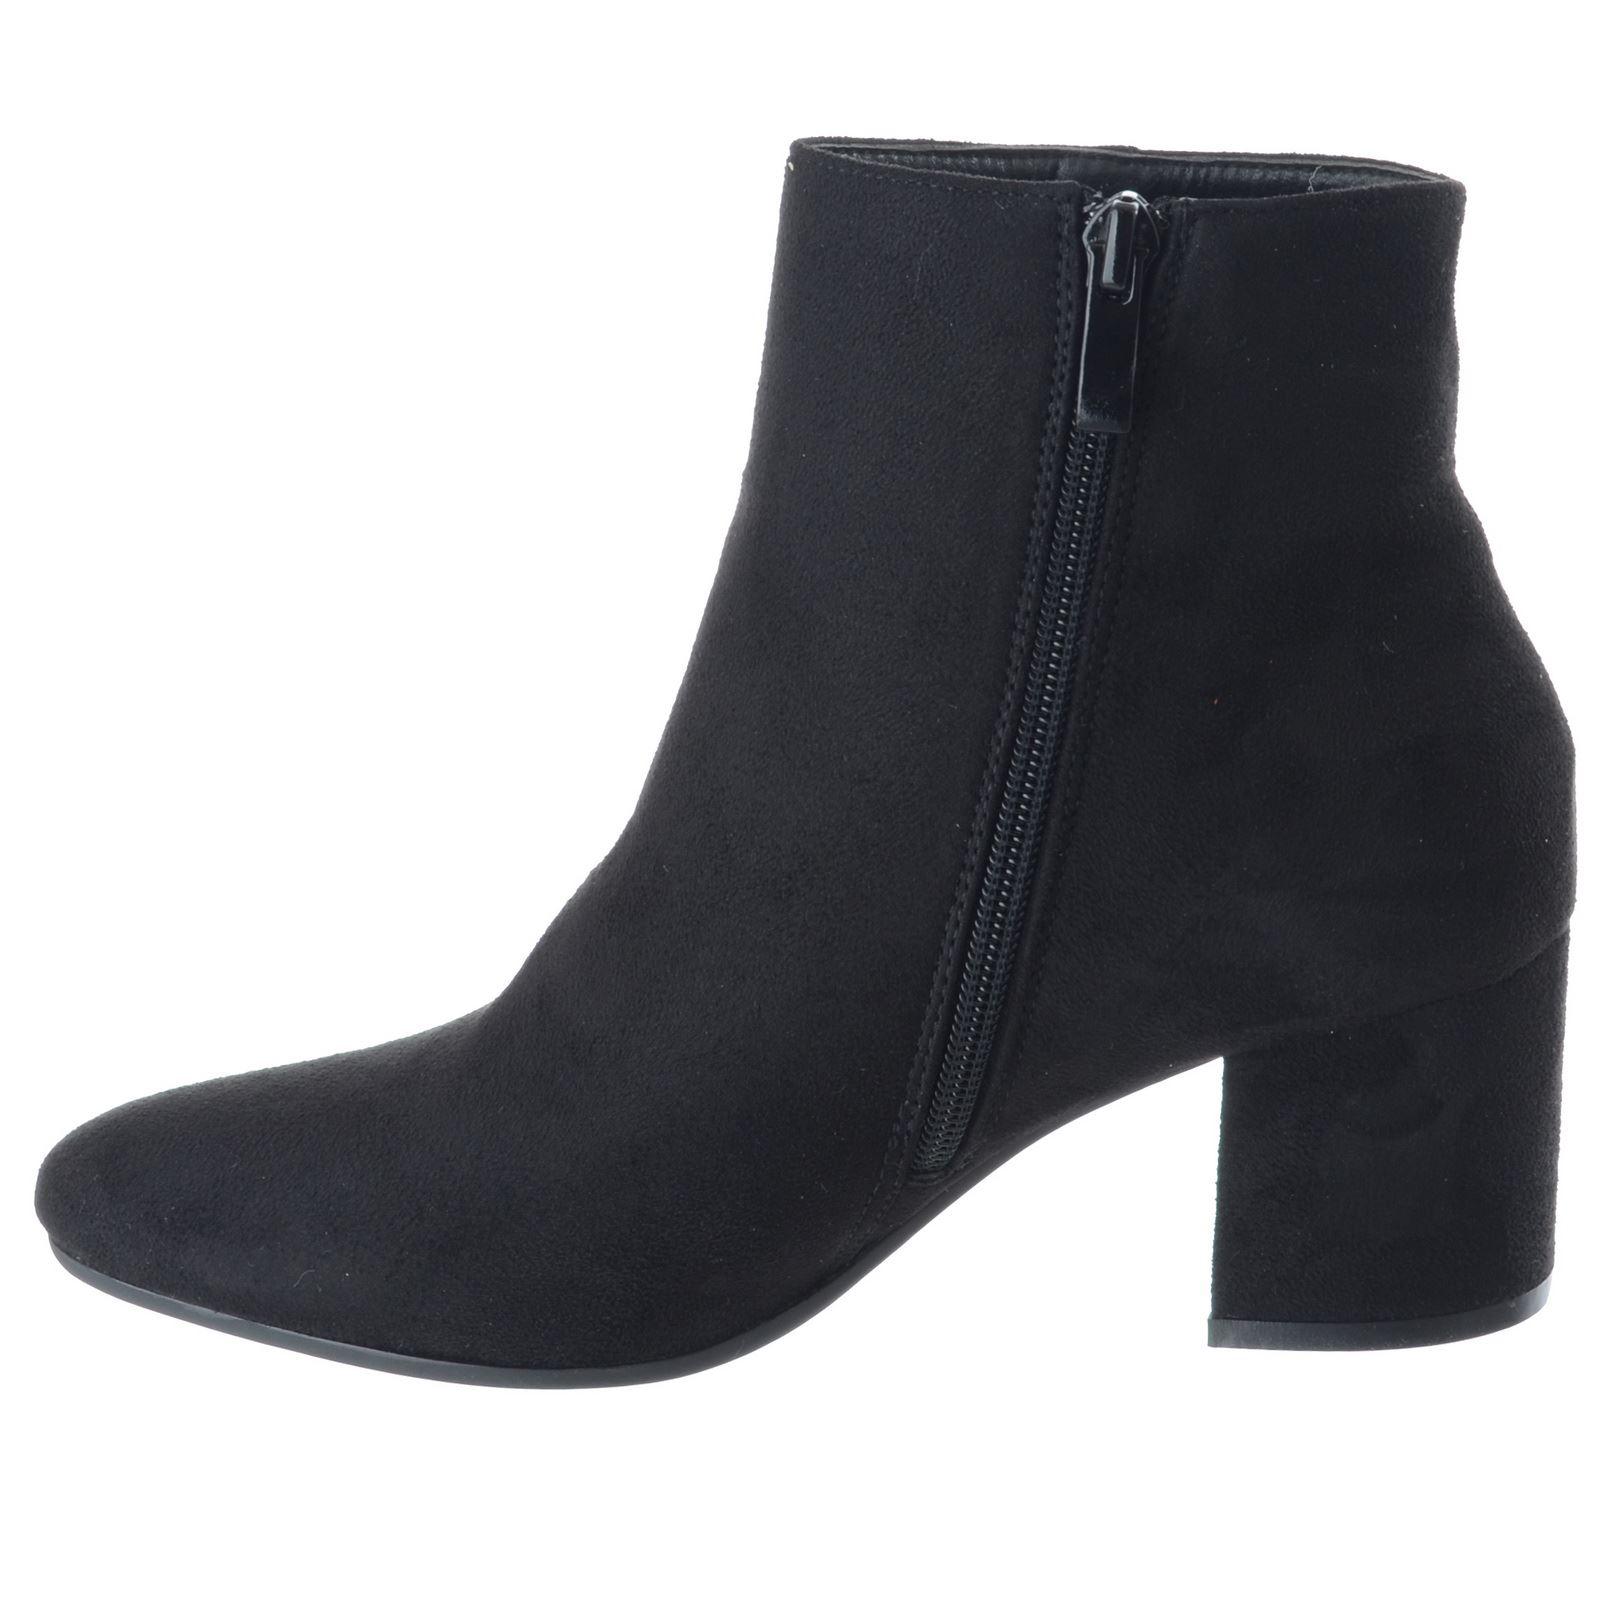 Suede Talon Chaussures Bottes Taille Noir Equitation Faux Mid Zip Bloc Biker Ladies Chelsea Womens Bottines Up wxEqPZTg